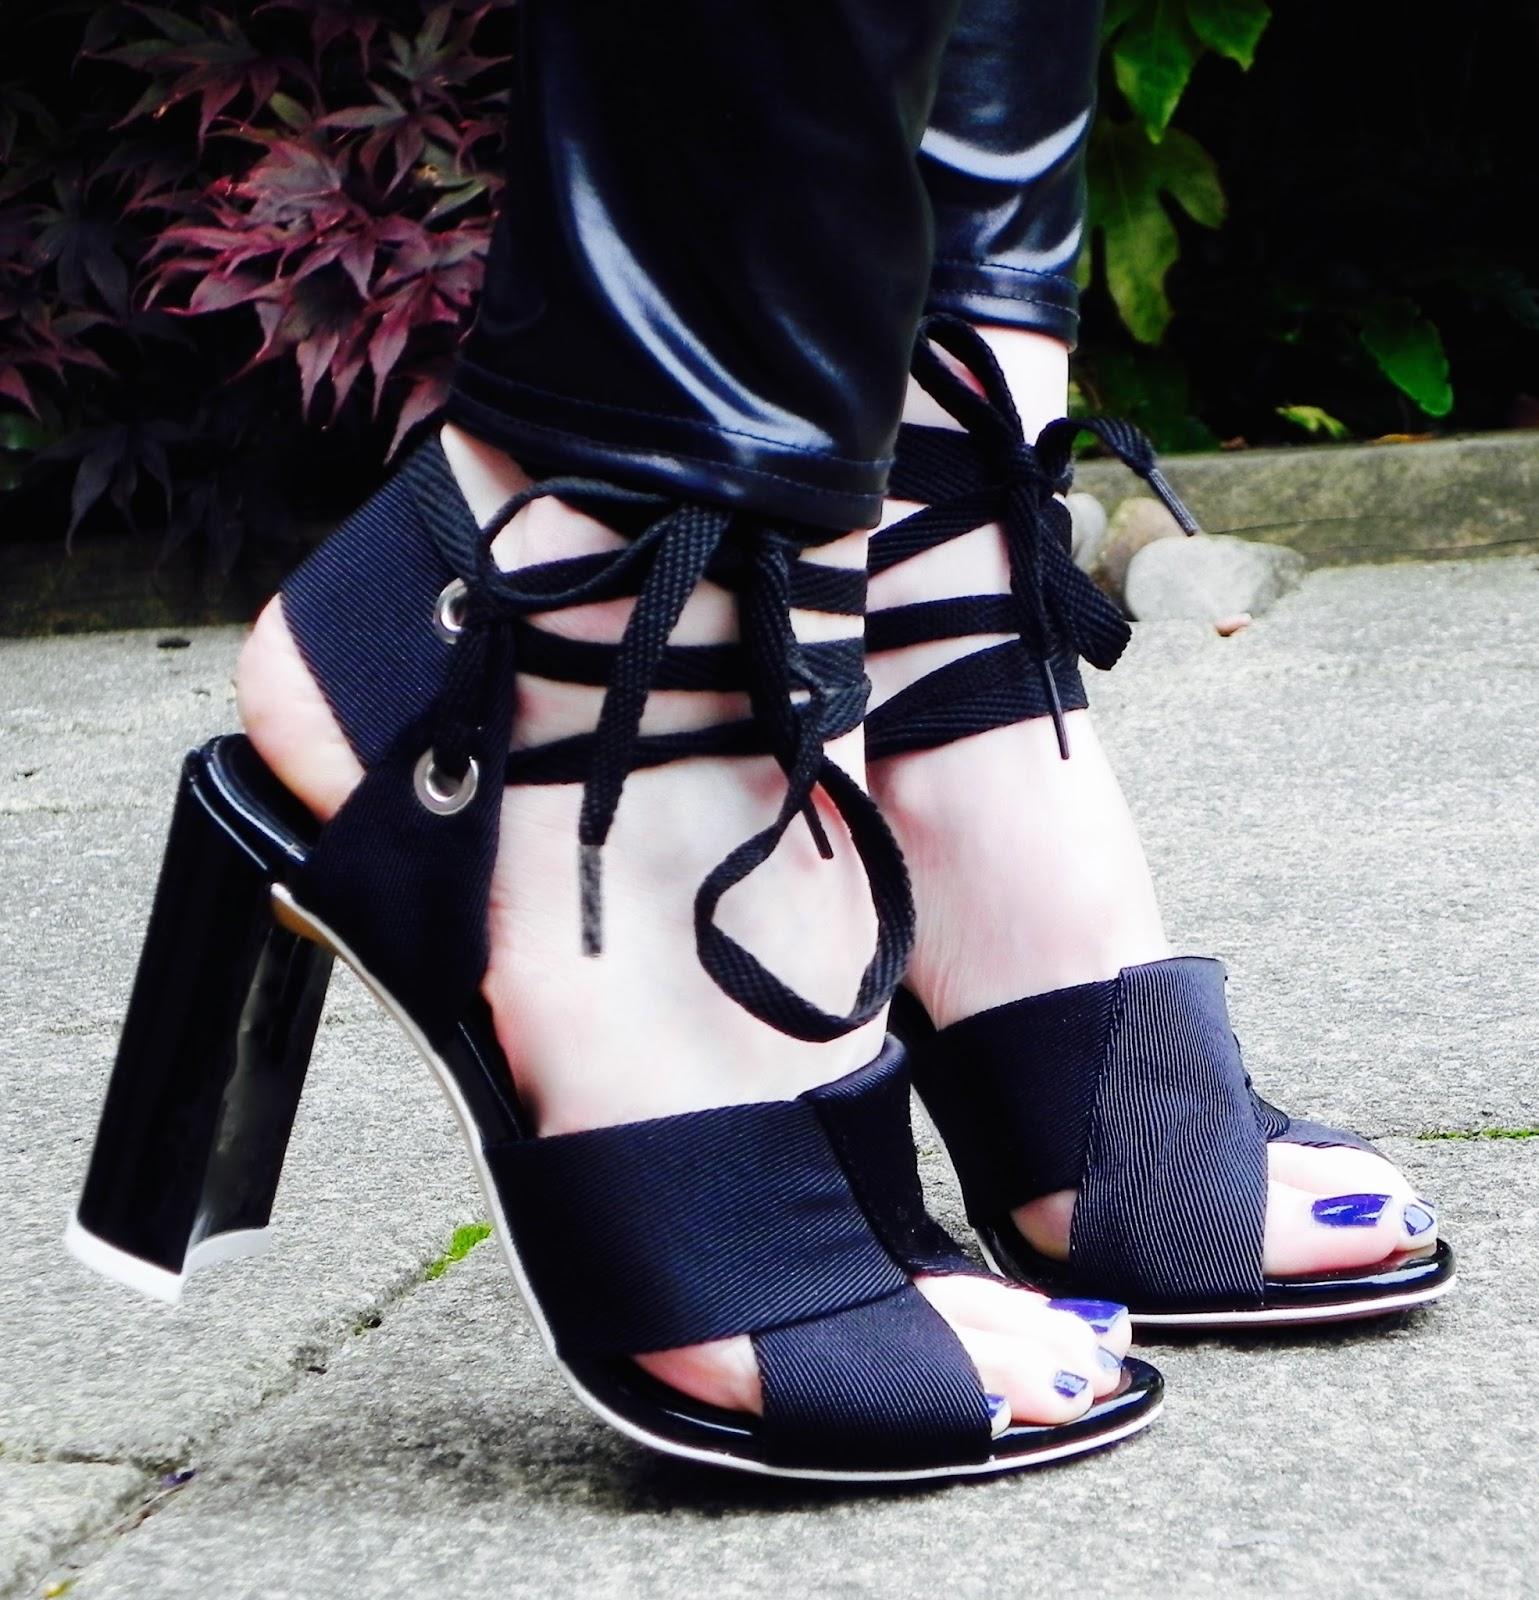 Topshop unique shoes